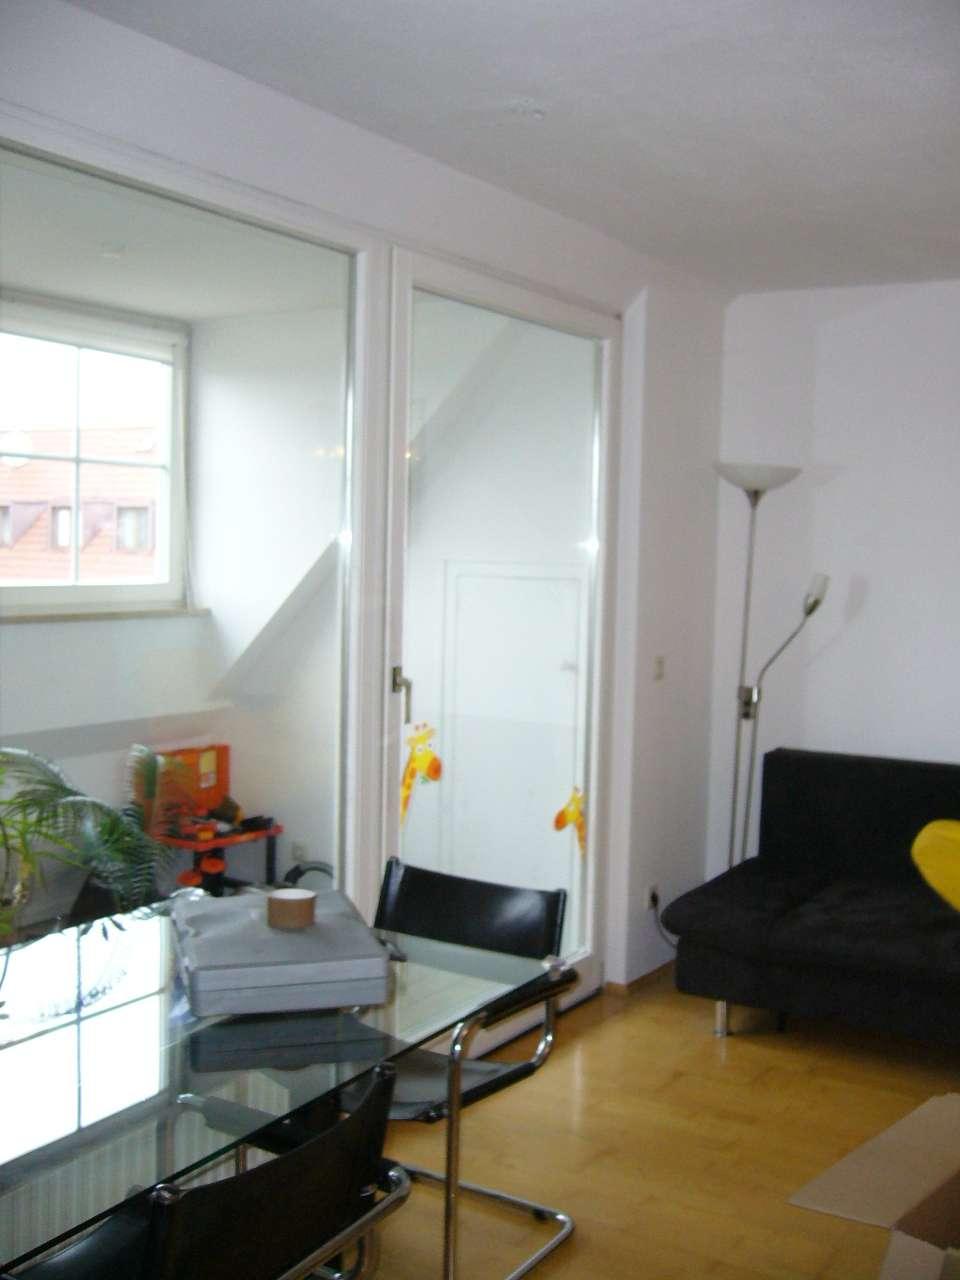 Ruhig gelegene und helle 3-Zimmer-Maisonette-Wohnung mit Wintergarten in München-Sendling